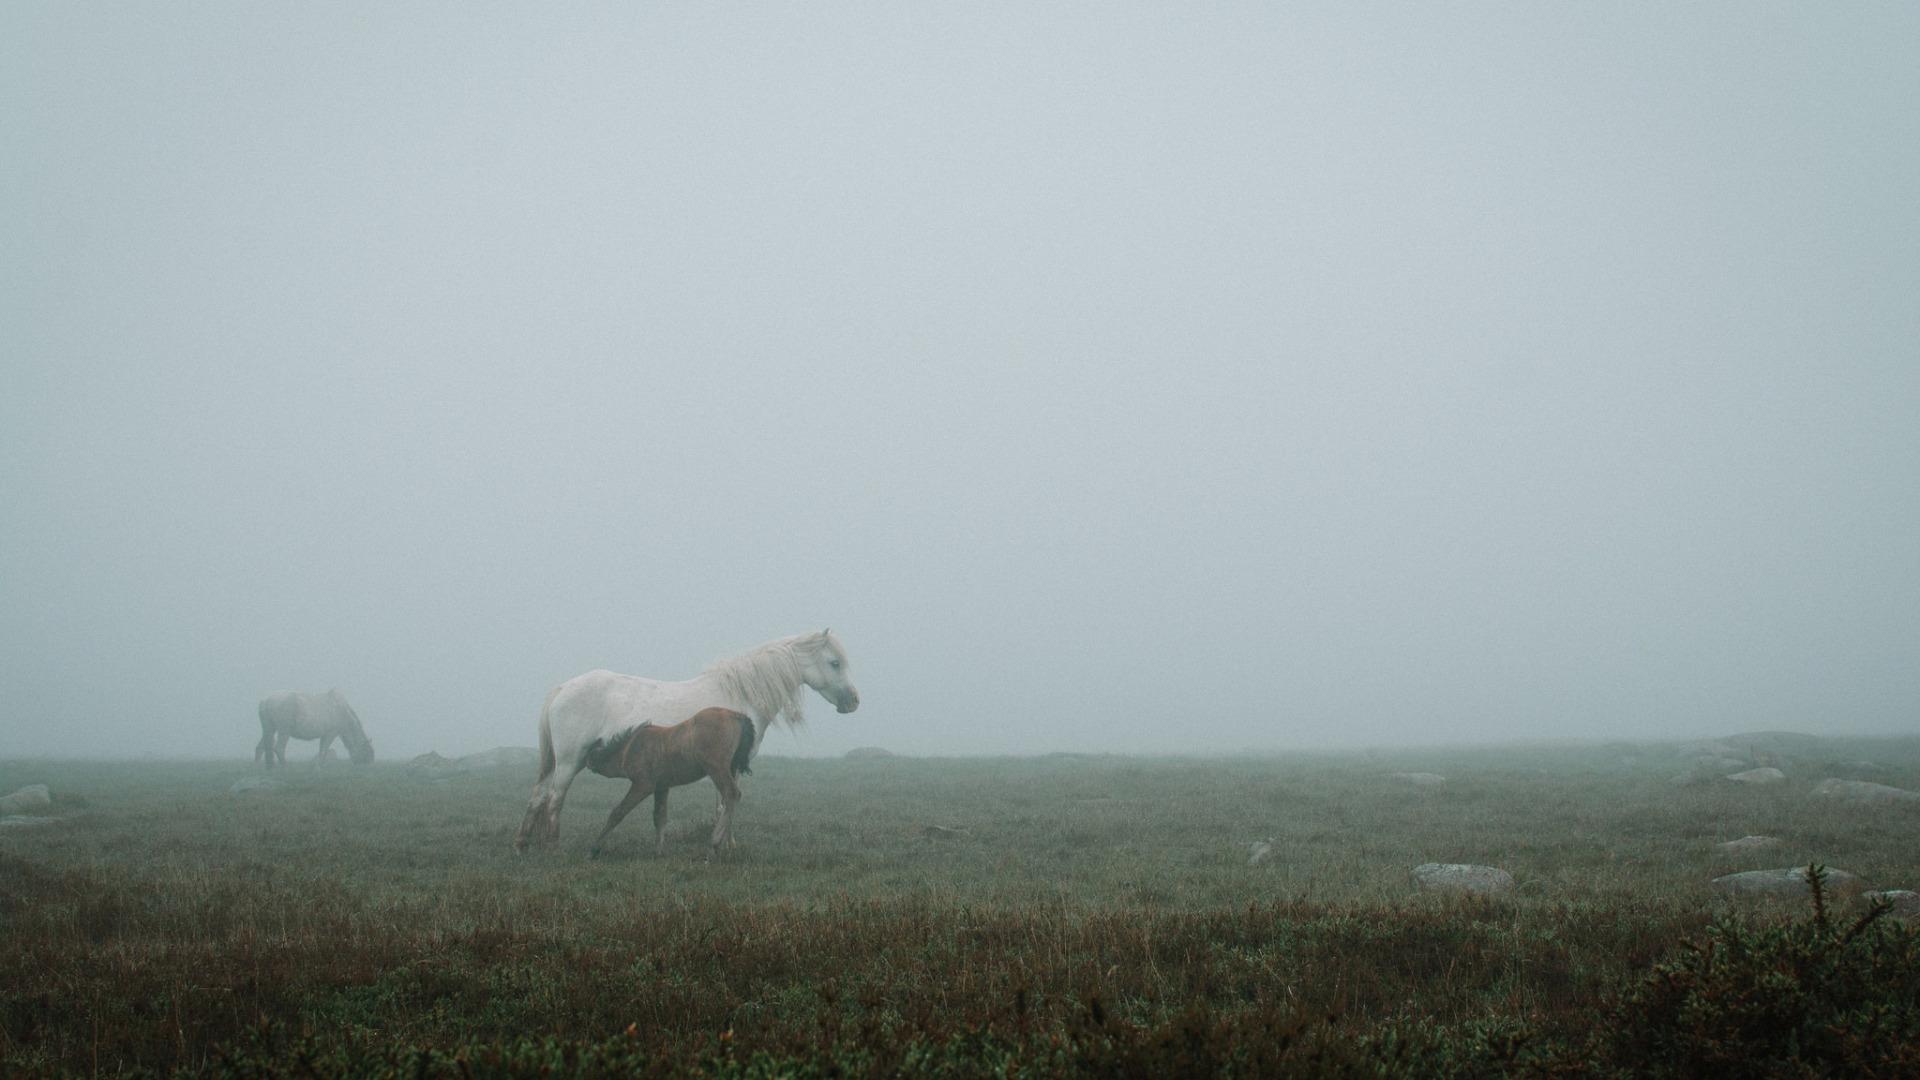 Лошади в поле  № 2021261 загрузить